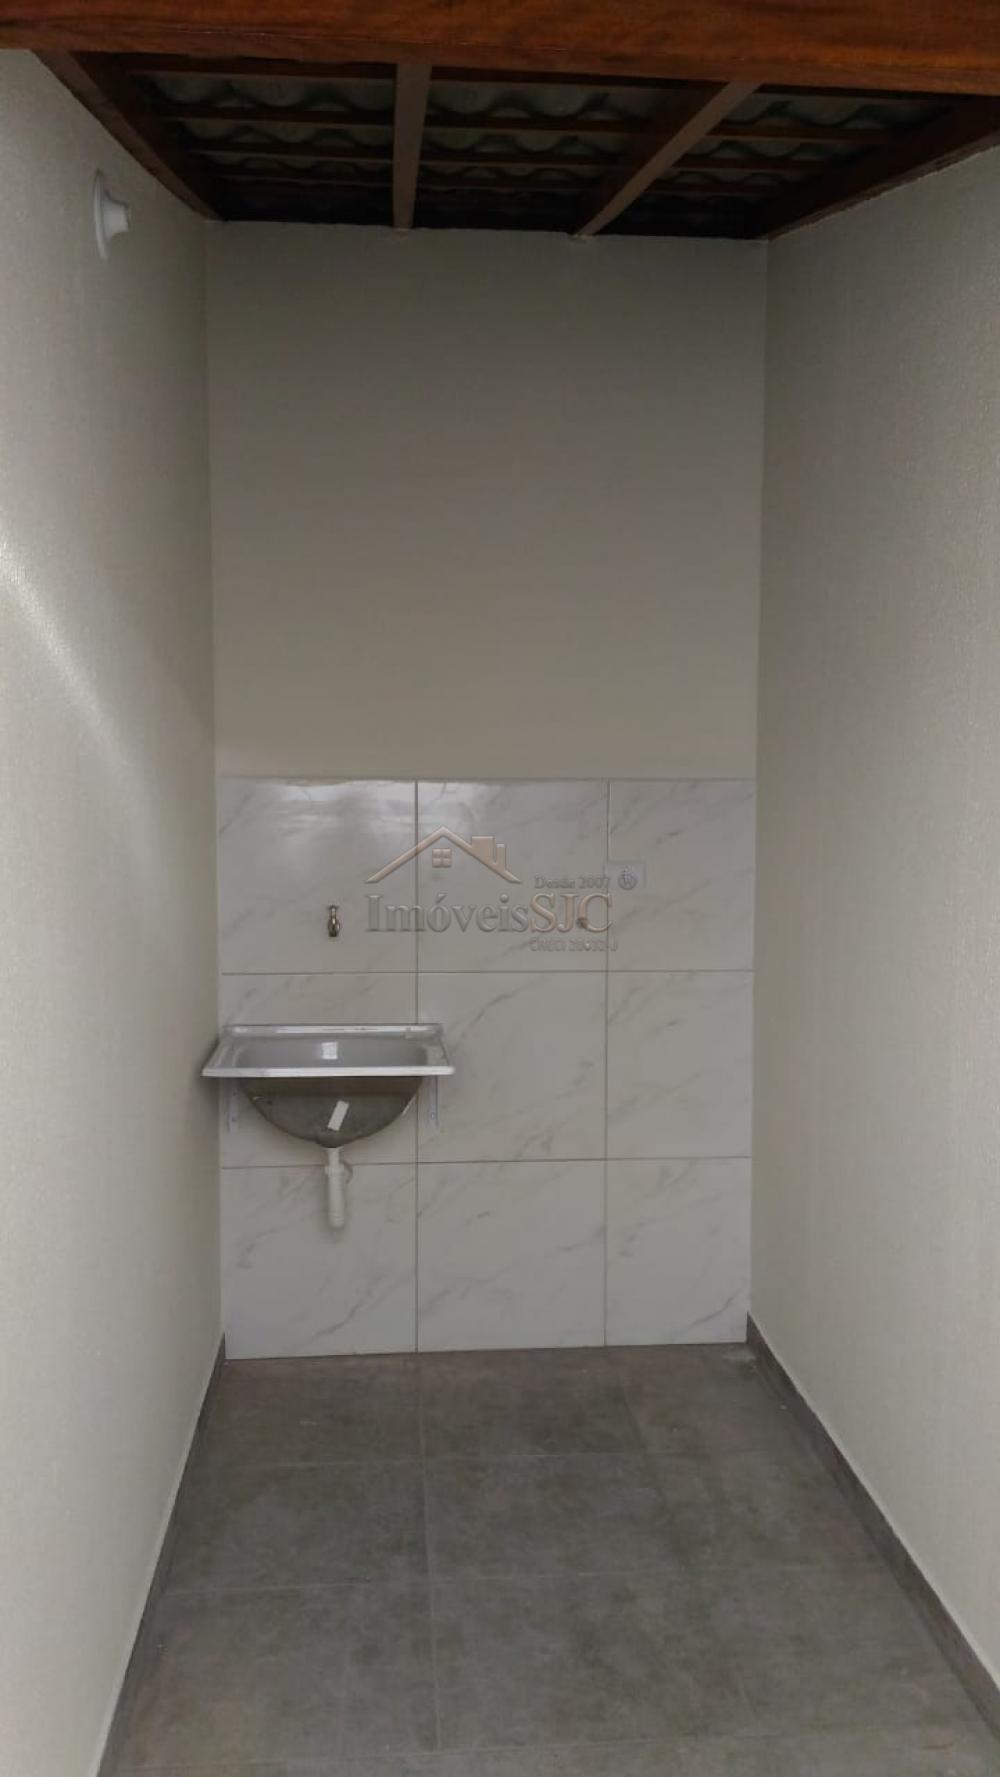 Comprar Casas / Padrão em São José dos Campos apenas R$ 395.000,00 - Foto 10